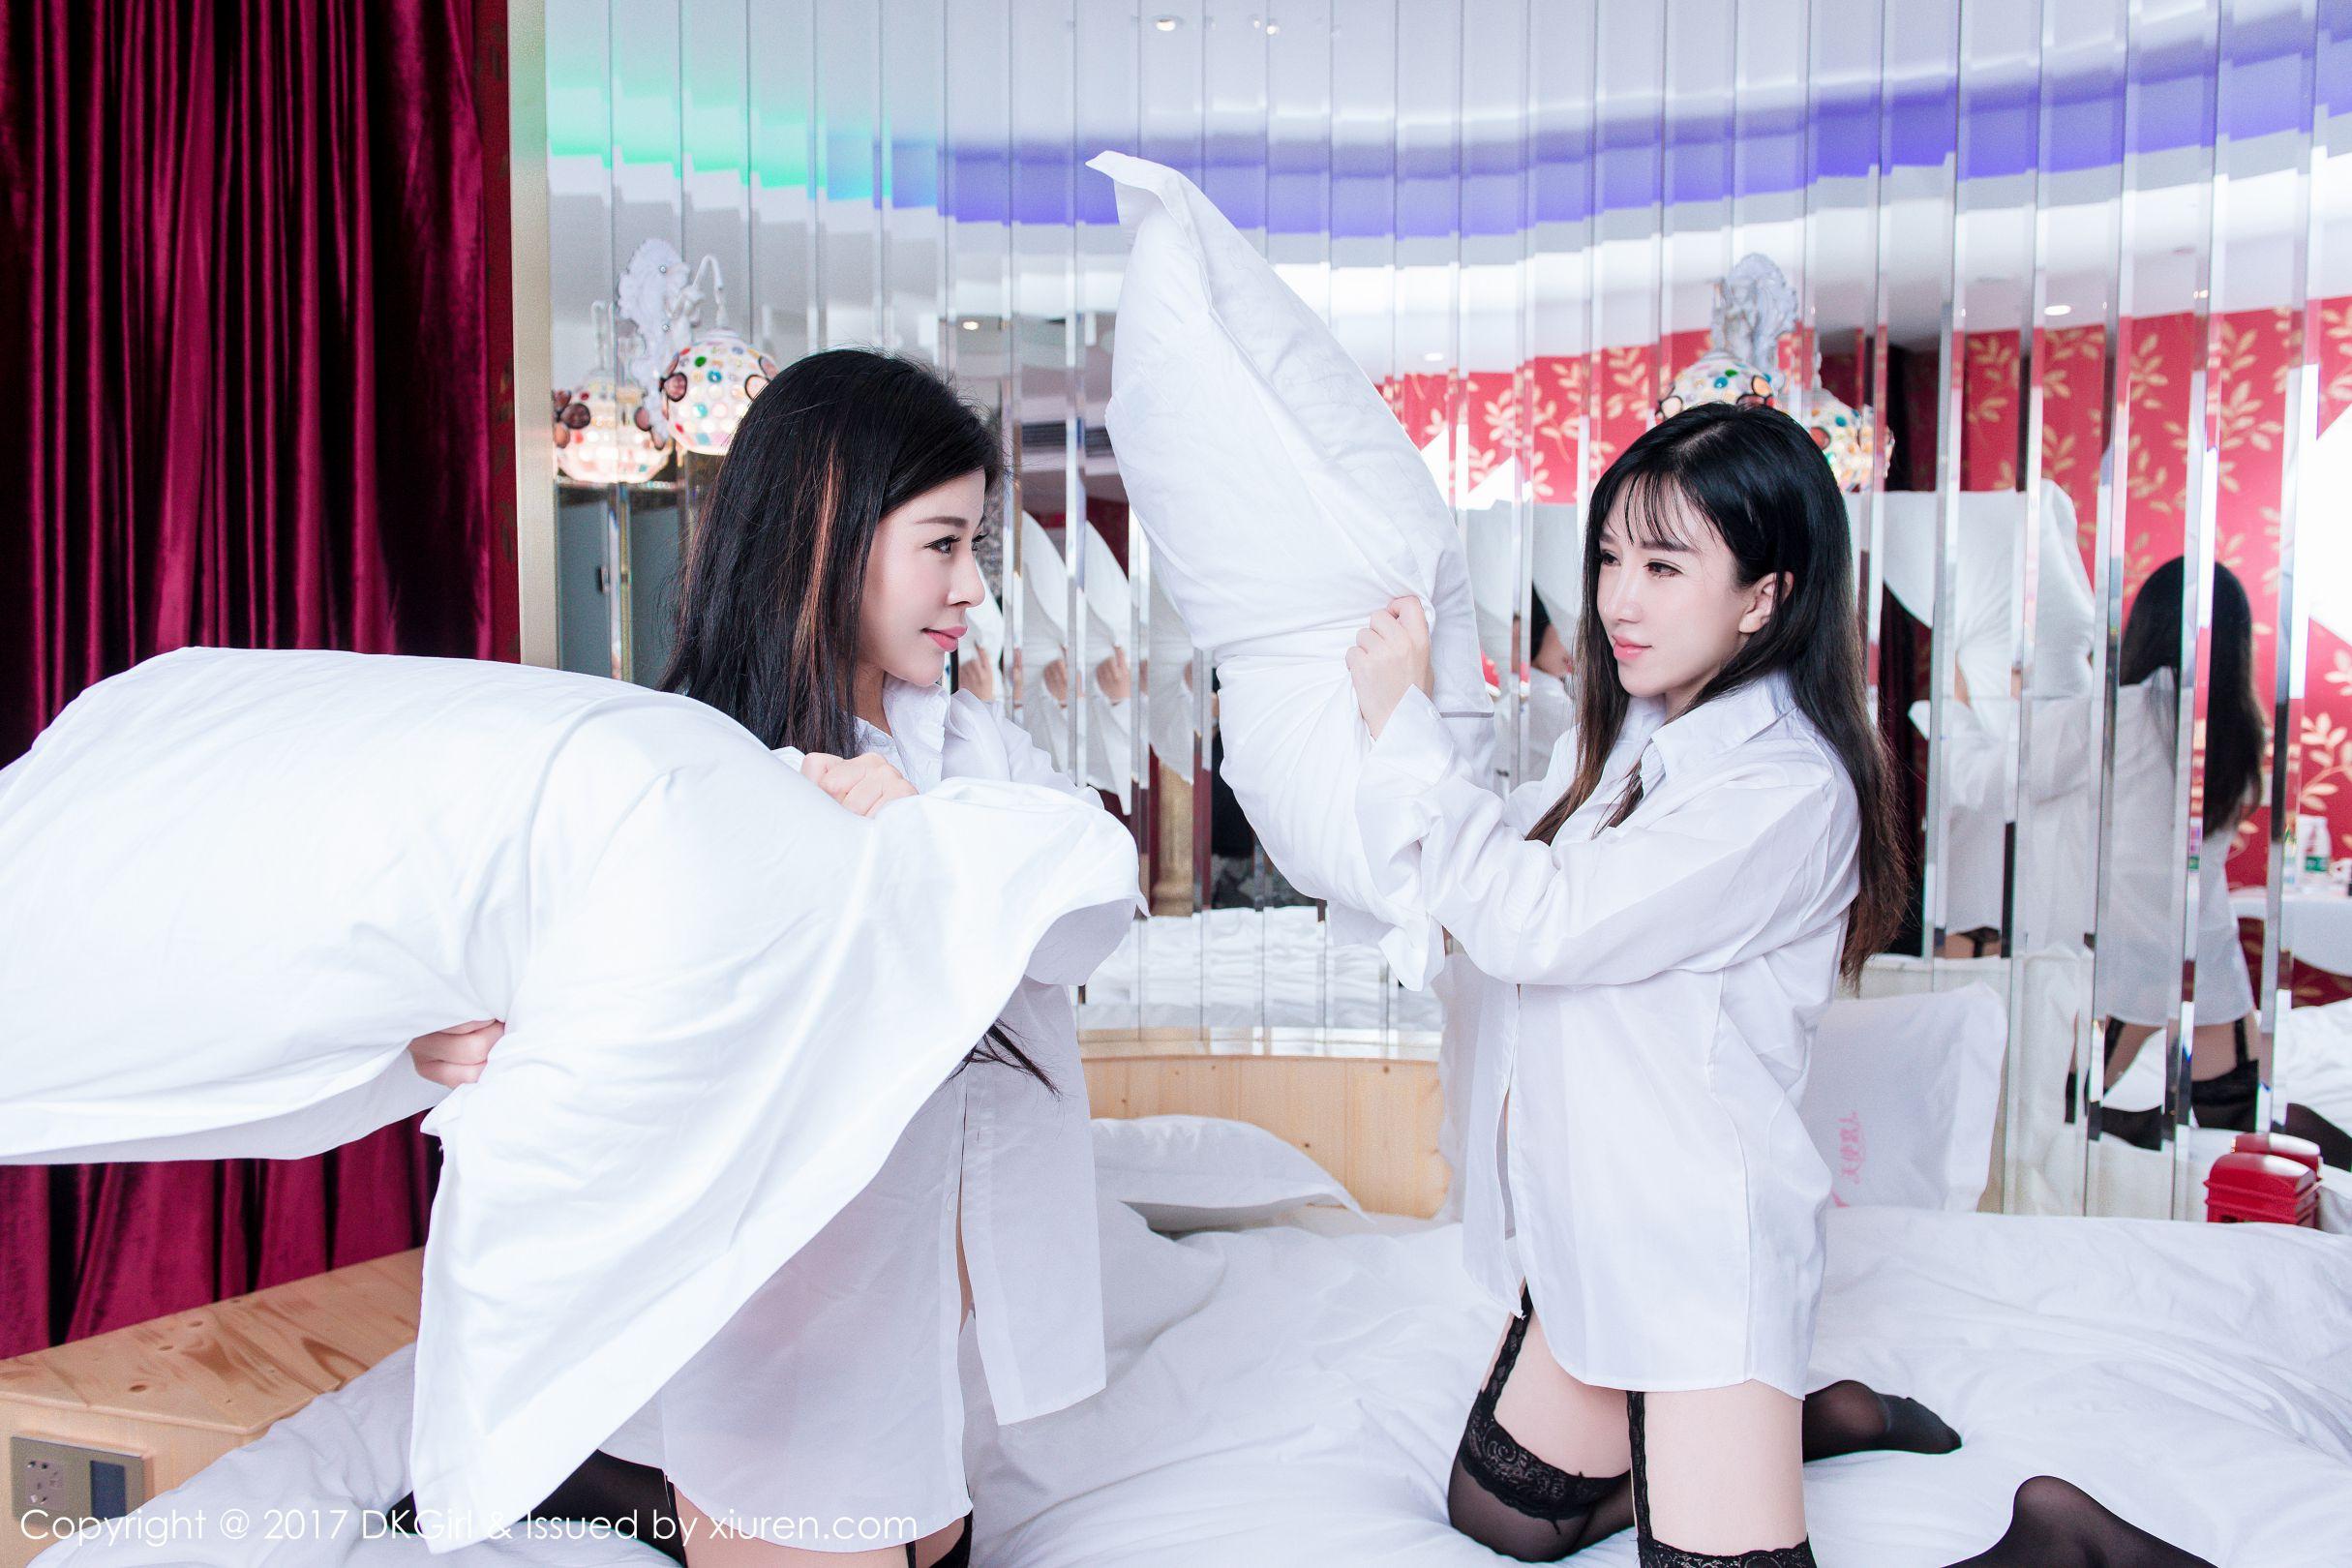 夏雨涵韩恩熙 - 巨乳肥臀姐妹花 写真图片